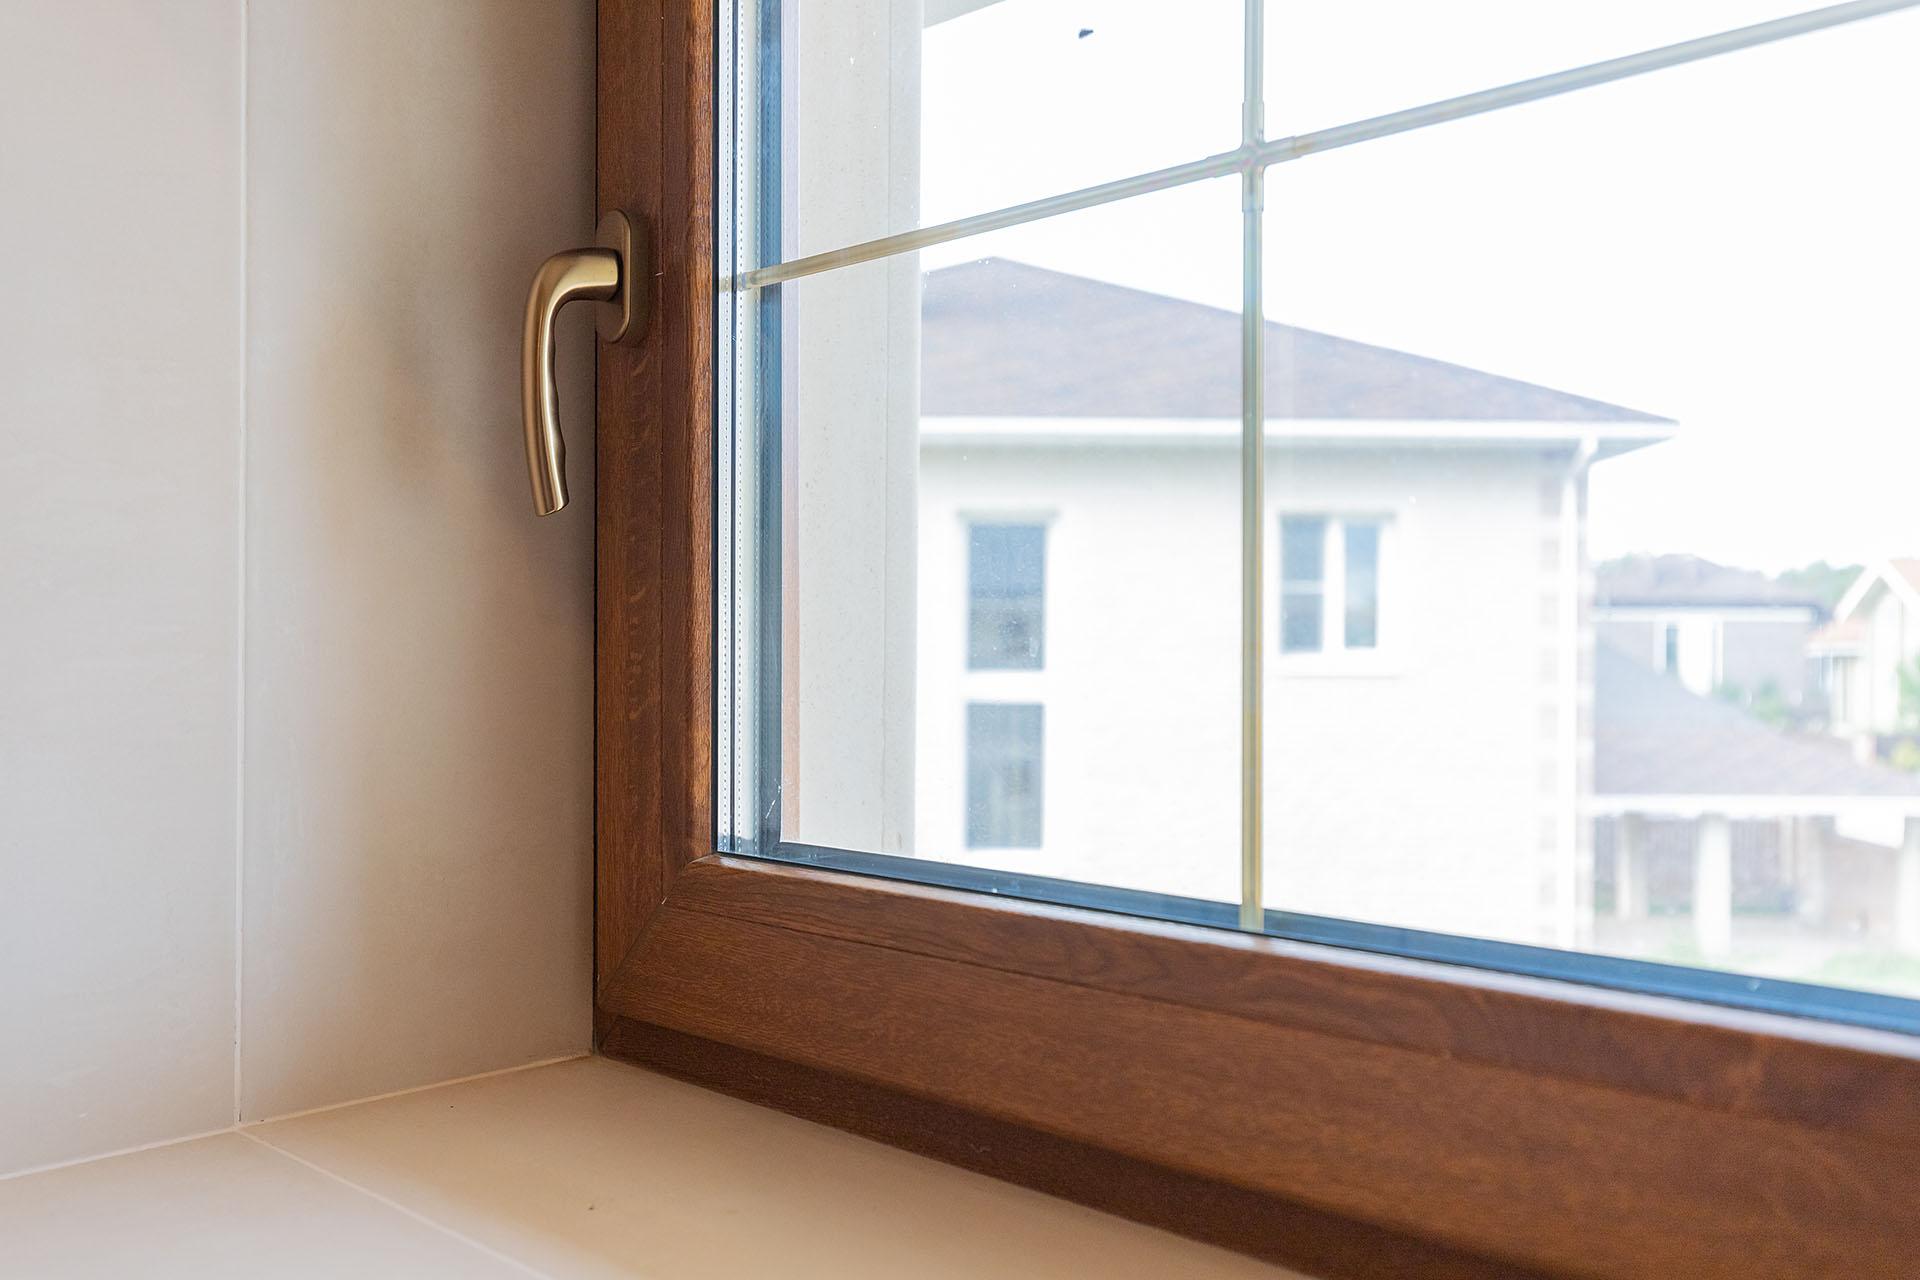 Как выбрать лучший профиль для пластиковых окон. Обзор параметров и брендов - 7